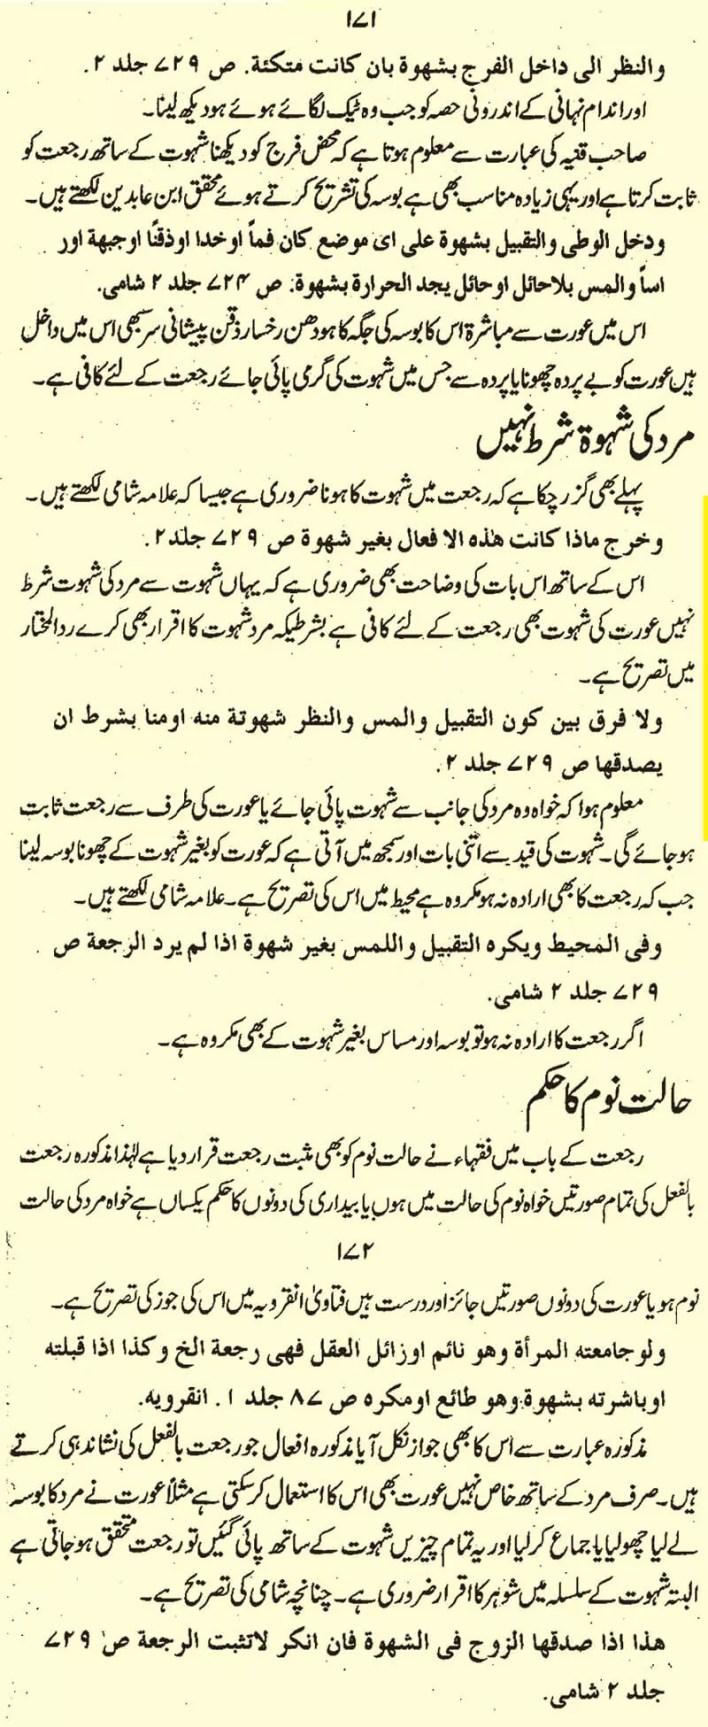 mufti-abdul-jalil-qasmi-masail-e-talaq-talaq-se-ruju-ki-sharamnak-surtains-3